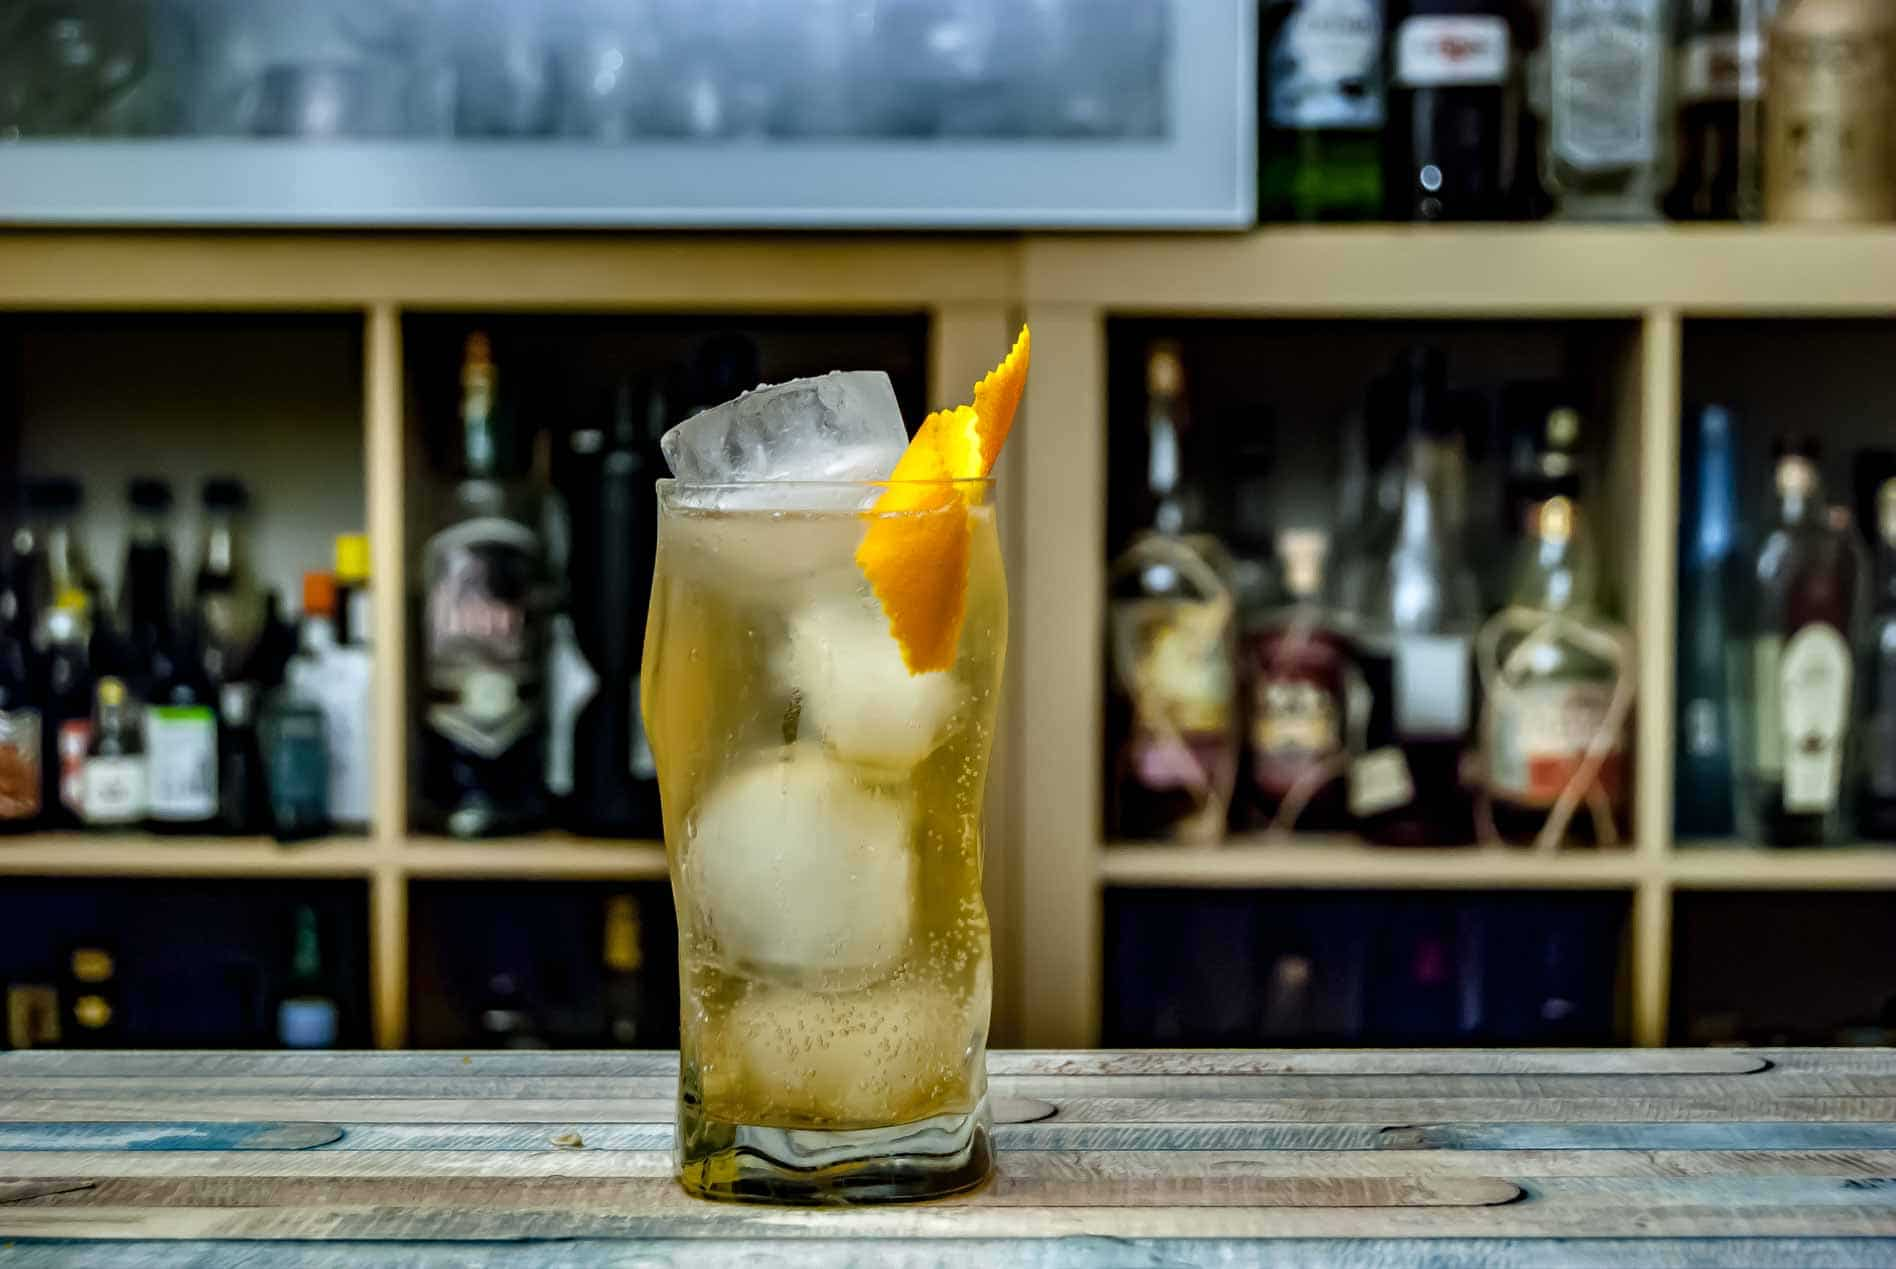 Ryoma Rhum Japanoise im Rum Highball mit Wasser und einem Schuss Zitrone.